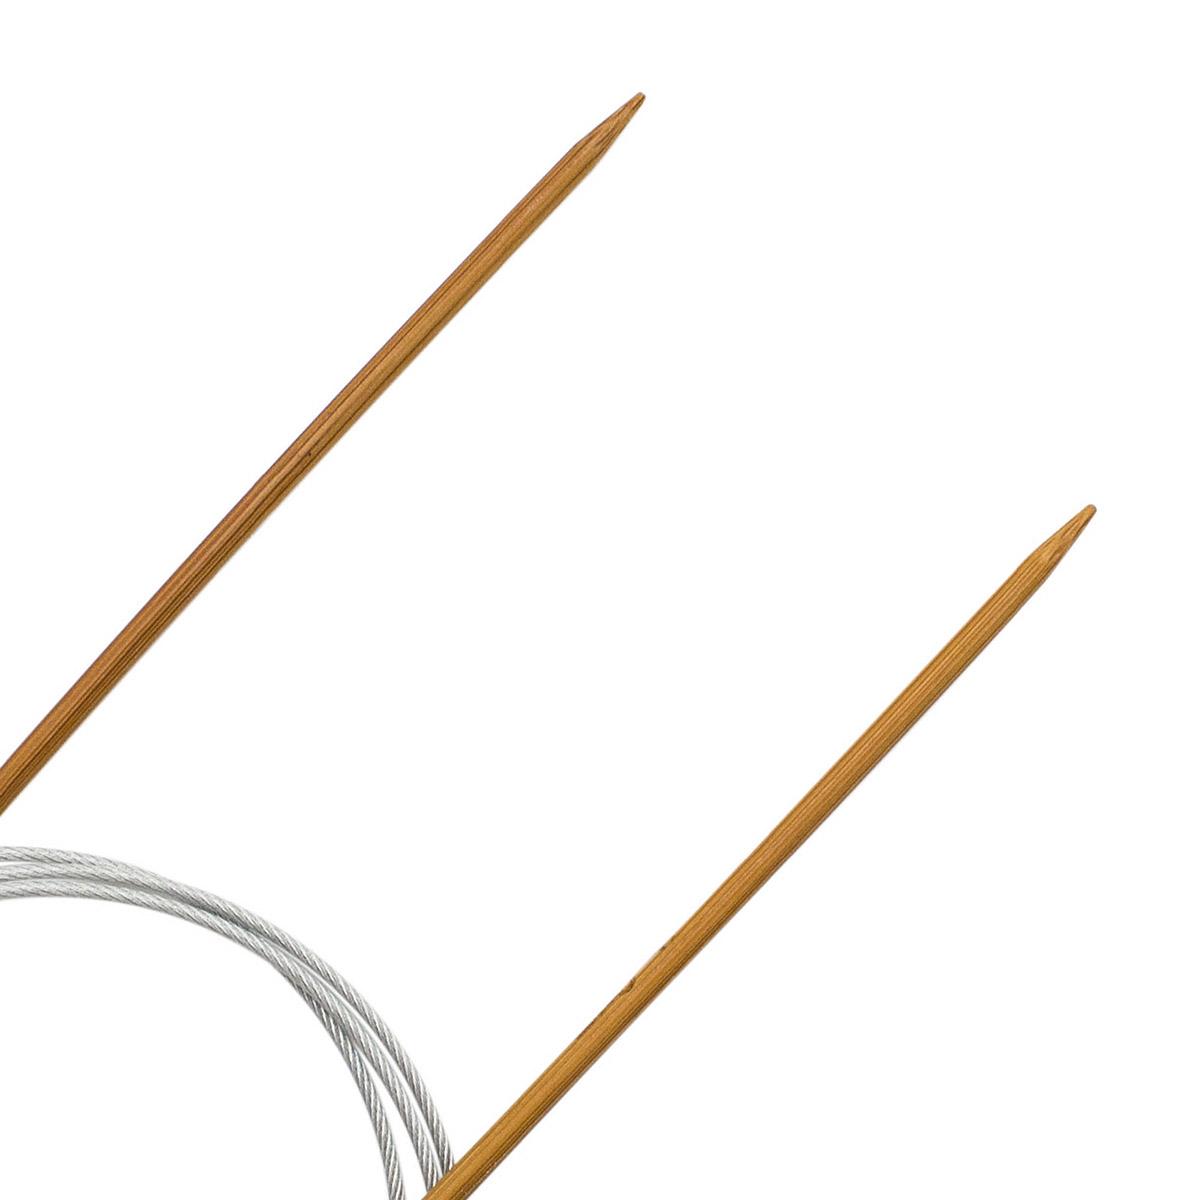 Спицы круговые бамбук с металлическим тросиком 942730, 100 см, 3,0 мм, Hobby&Pro